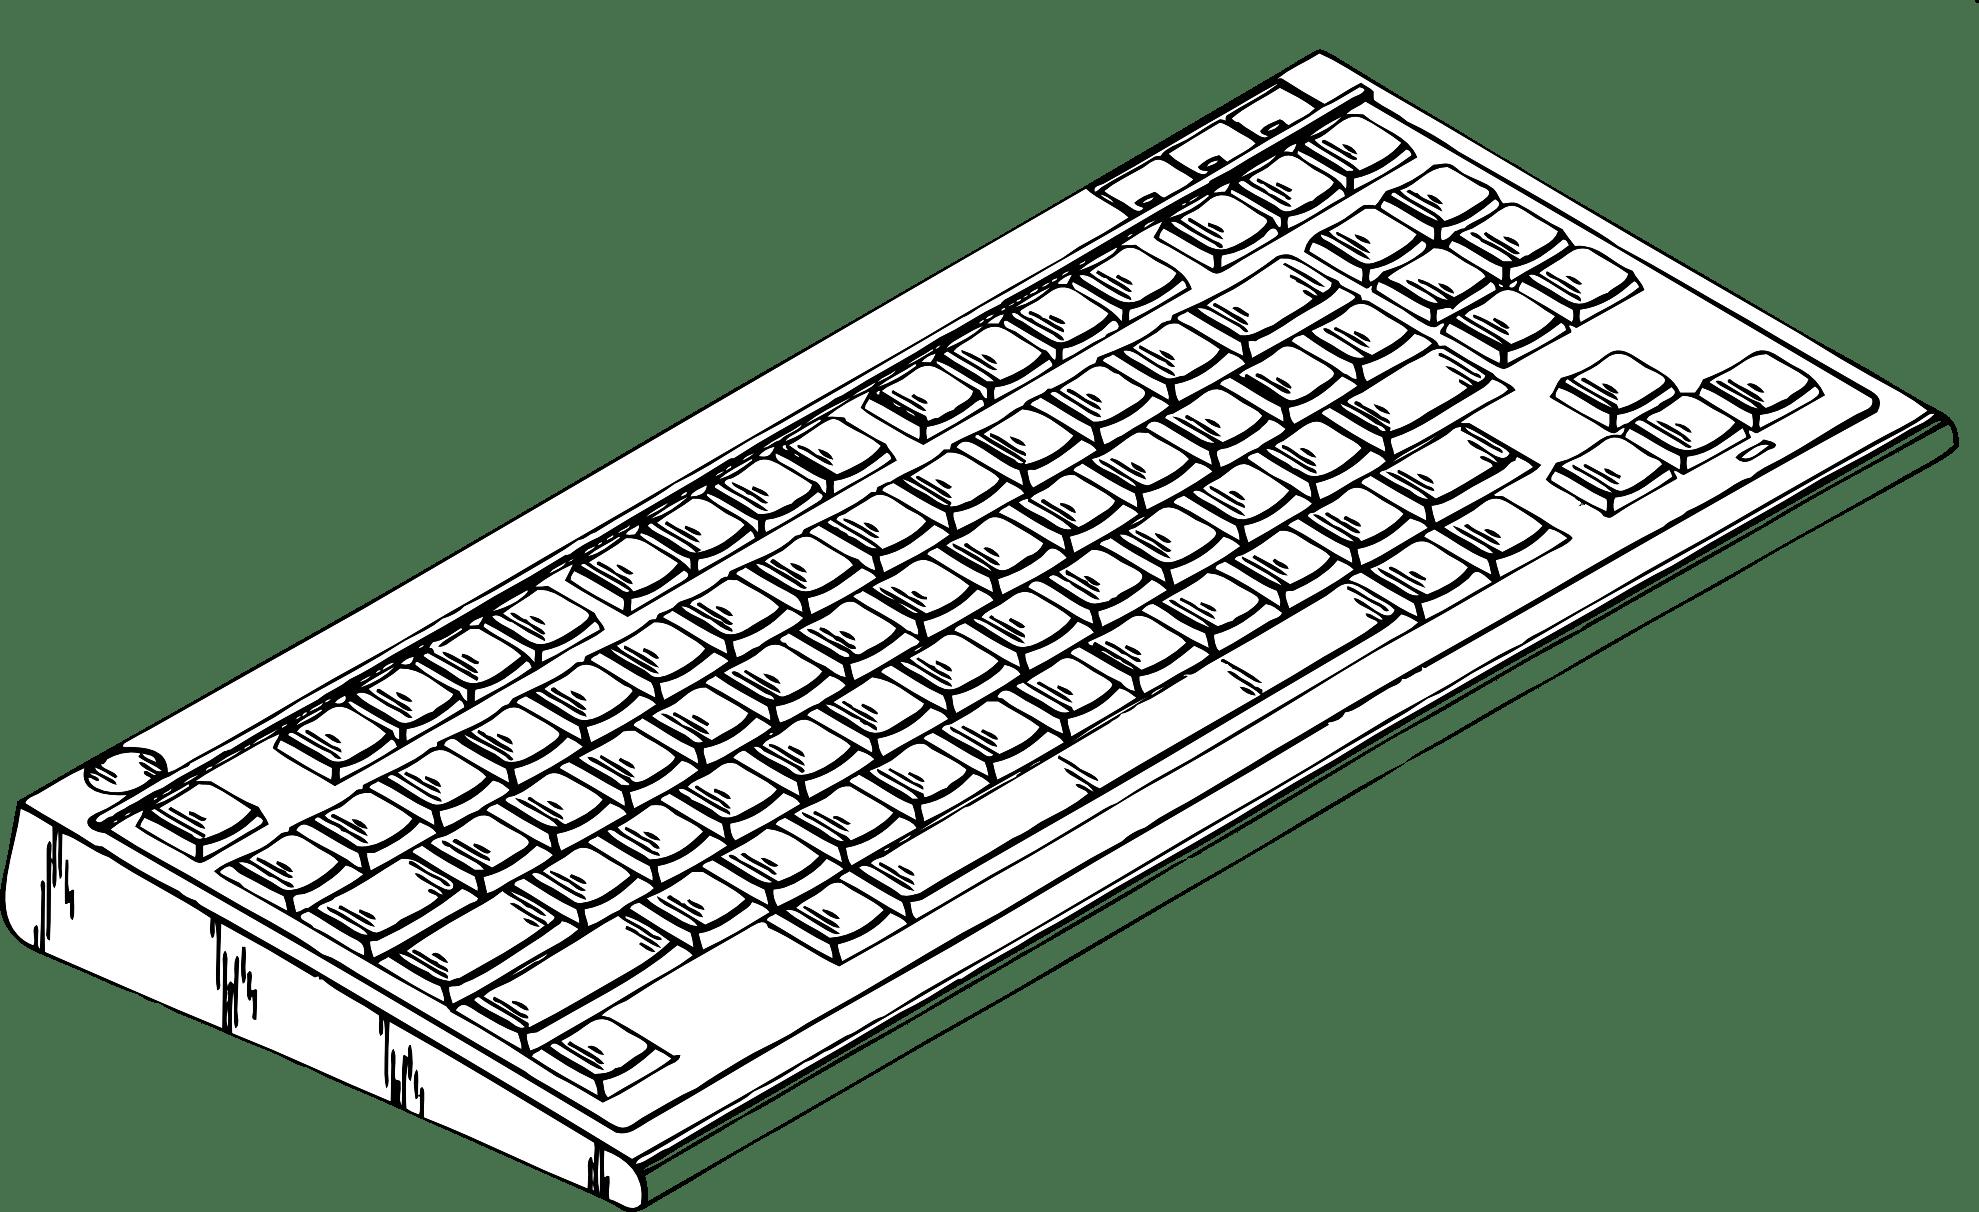 Keyboard 20clipart Clipart Panda